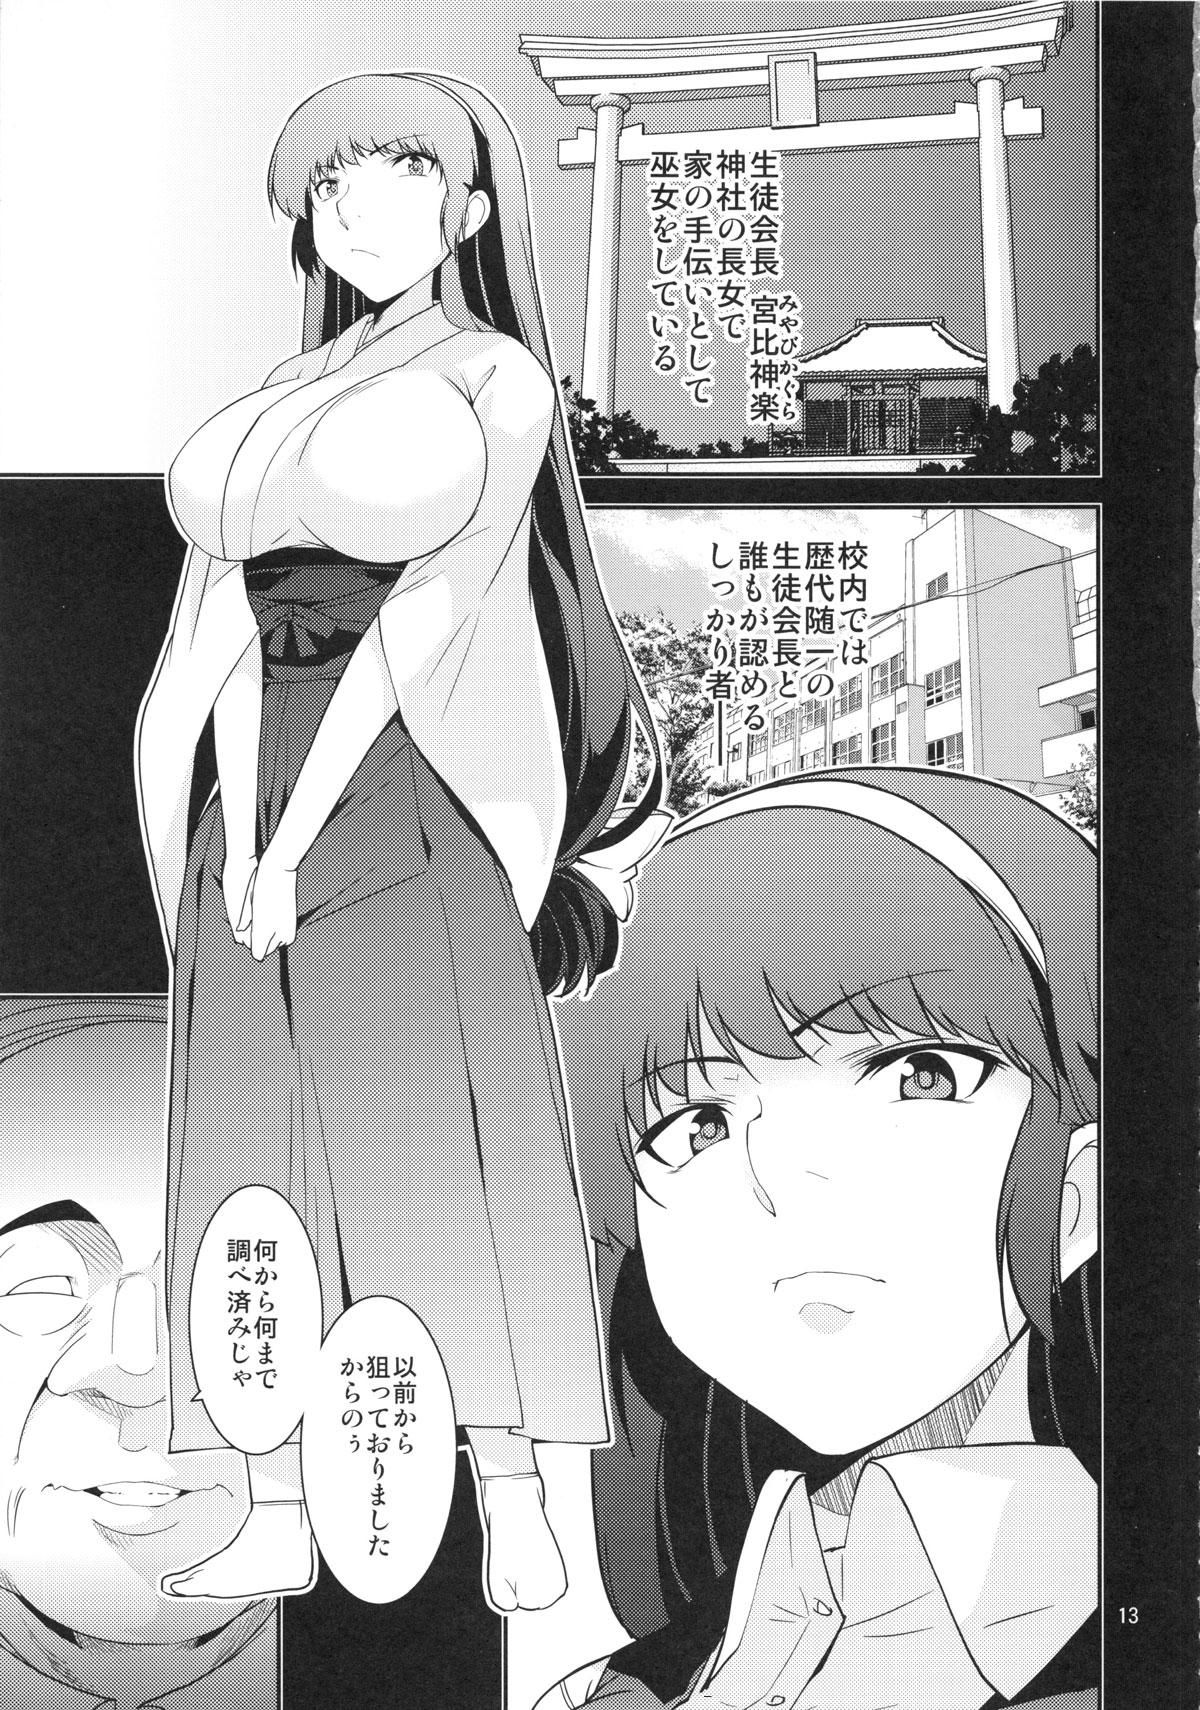 【エロ漫画・エロ同人】巨乳女子校生が用務員に拘束されてレイプされてるw中出しセックスでイカされまくって調教開始www (12)